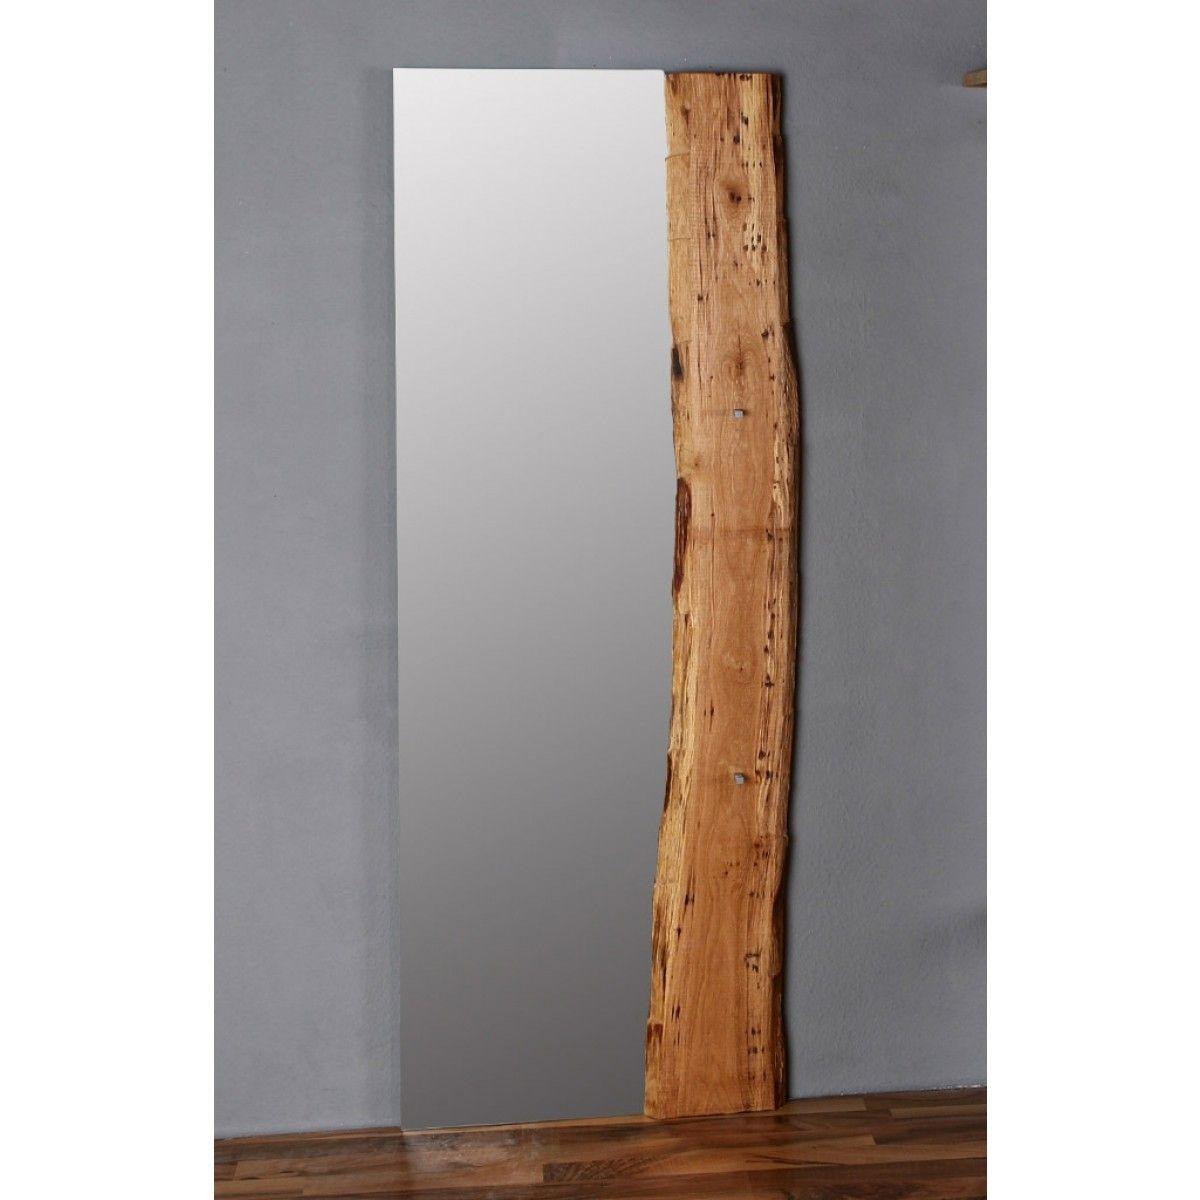 Spiegel eiche woodline massiv 70x190cm f r flur for Spiegel fur flur garderobe